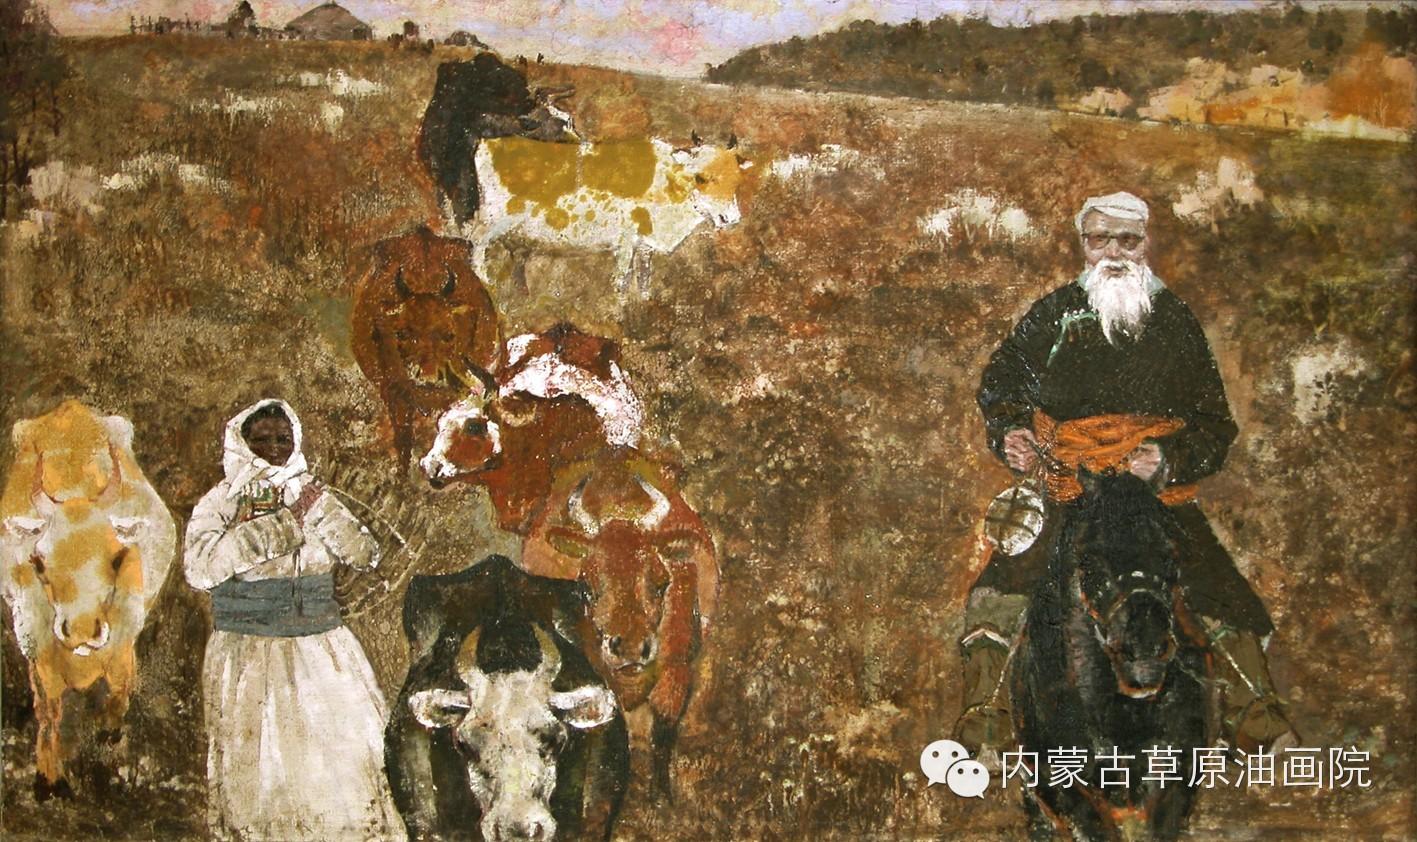 内蒙古草原油画院画家--吉尔格楞 第15张